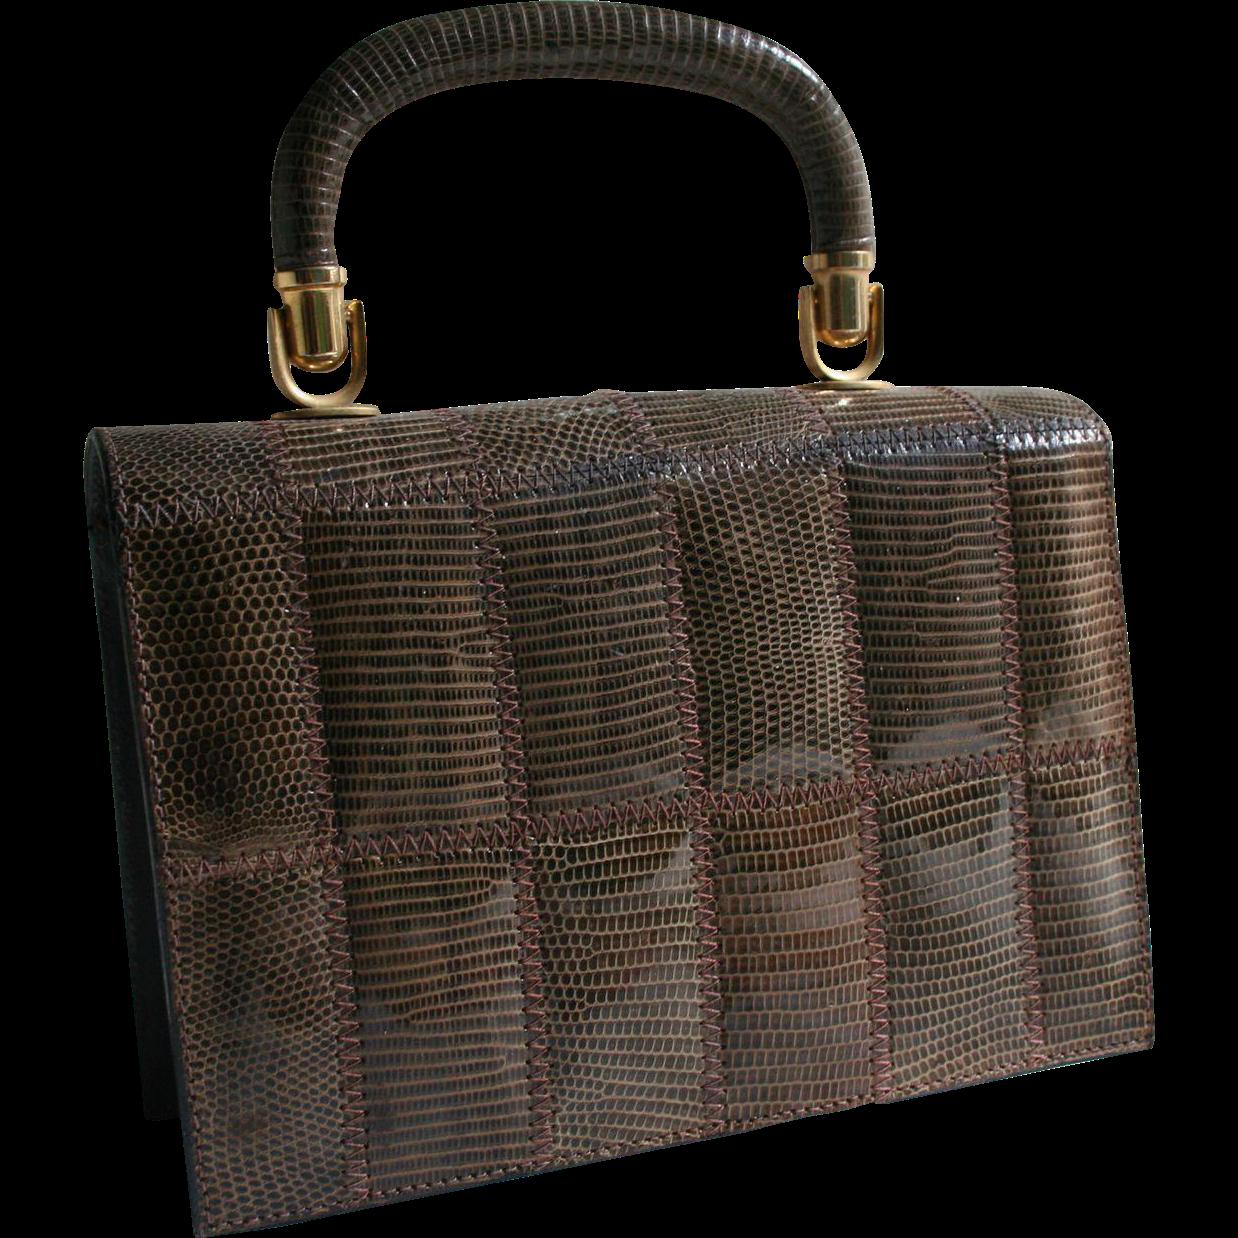 Vintage Tano Lizard Handbag with Brooklyn NYC Purse Shop Label Box Case Purse - Collector's Piece!